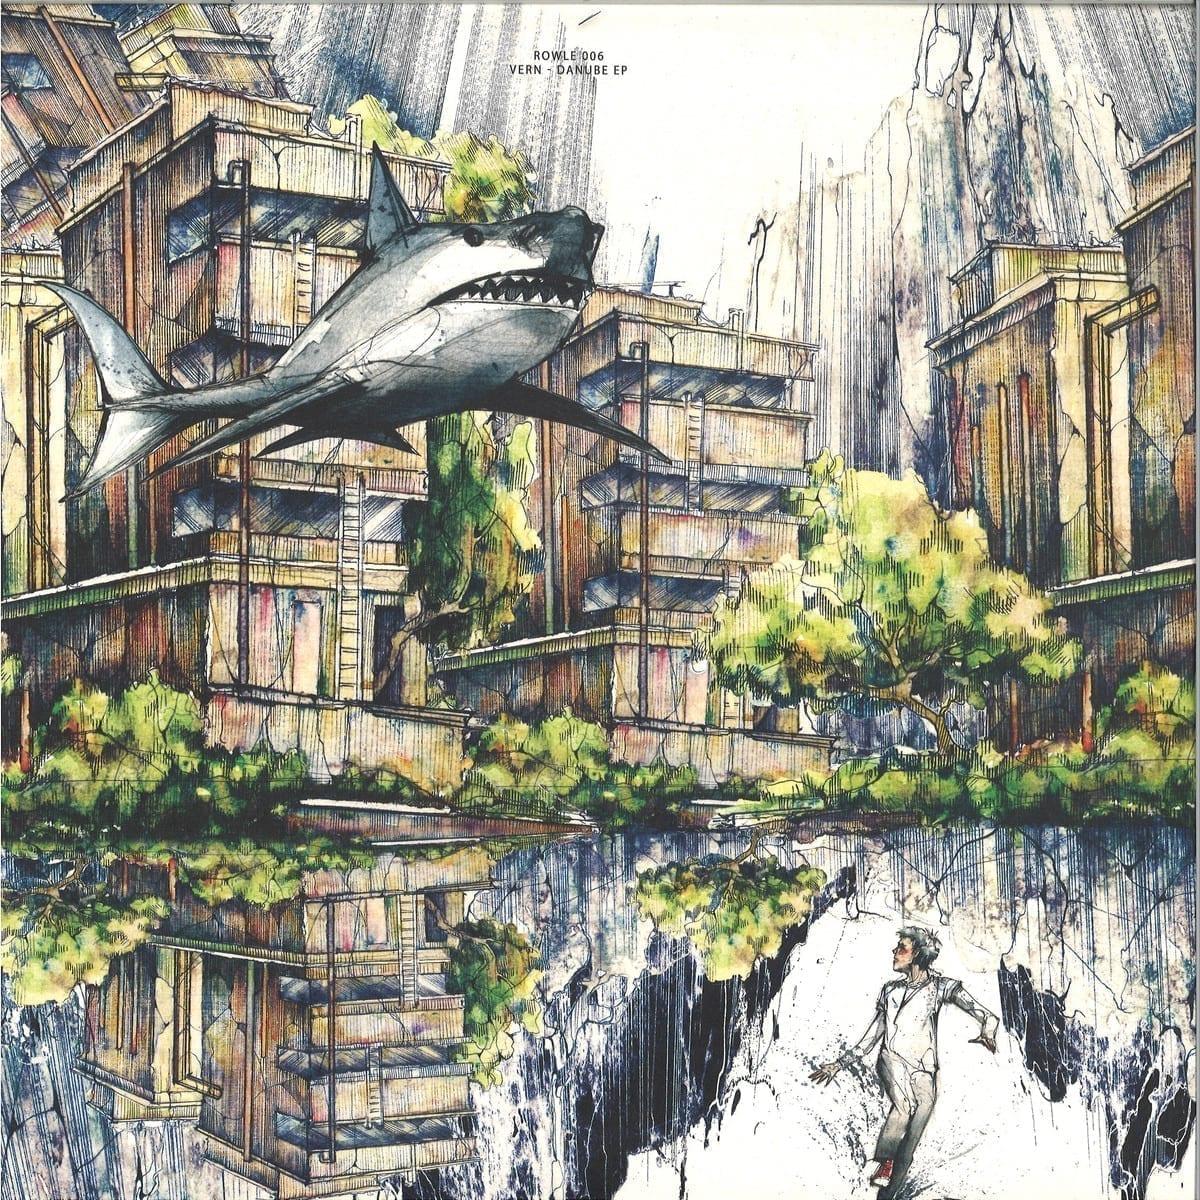 Vern - Danube EP [Rowle] 01